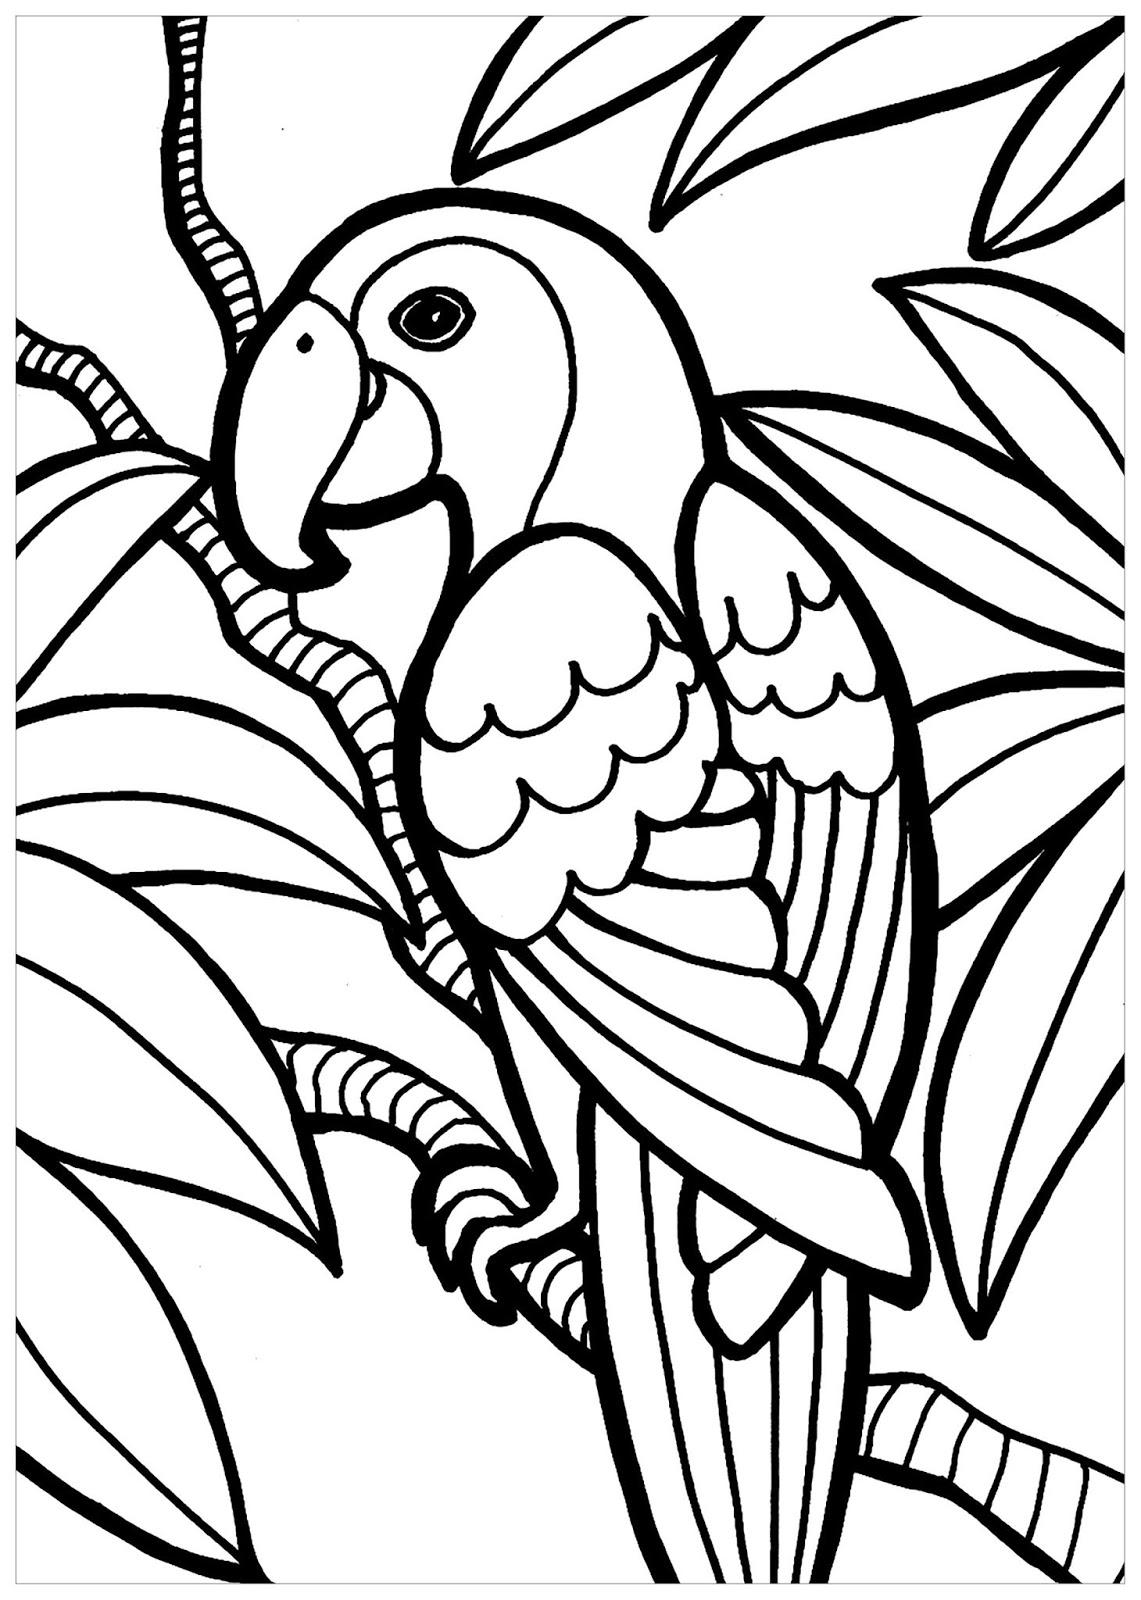 Tranh tô màu con vẹt và lá cây